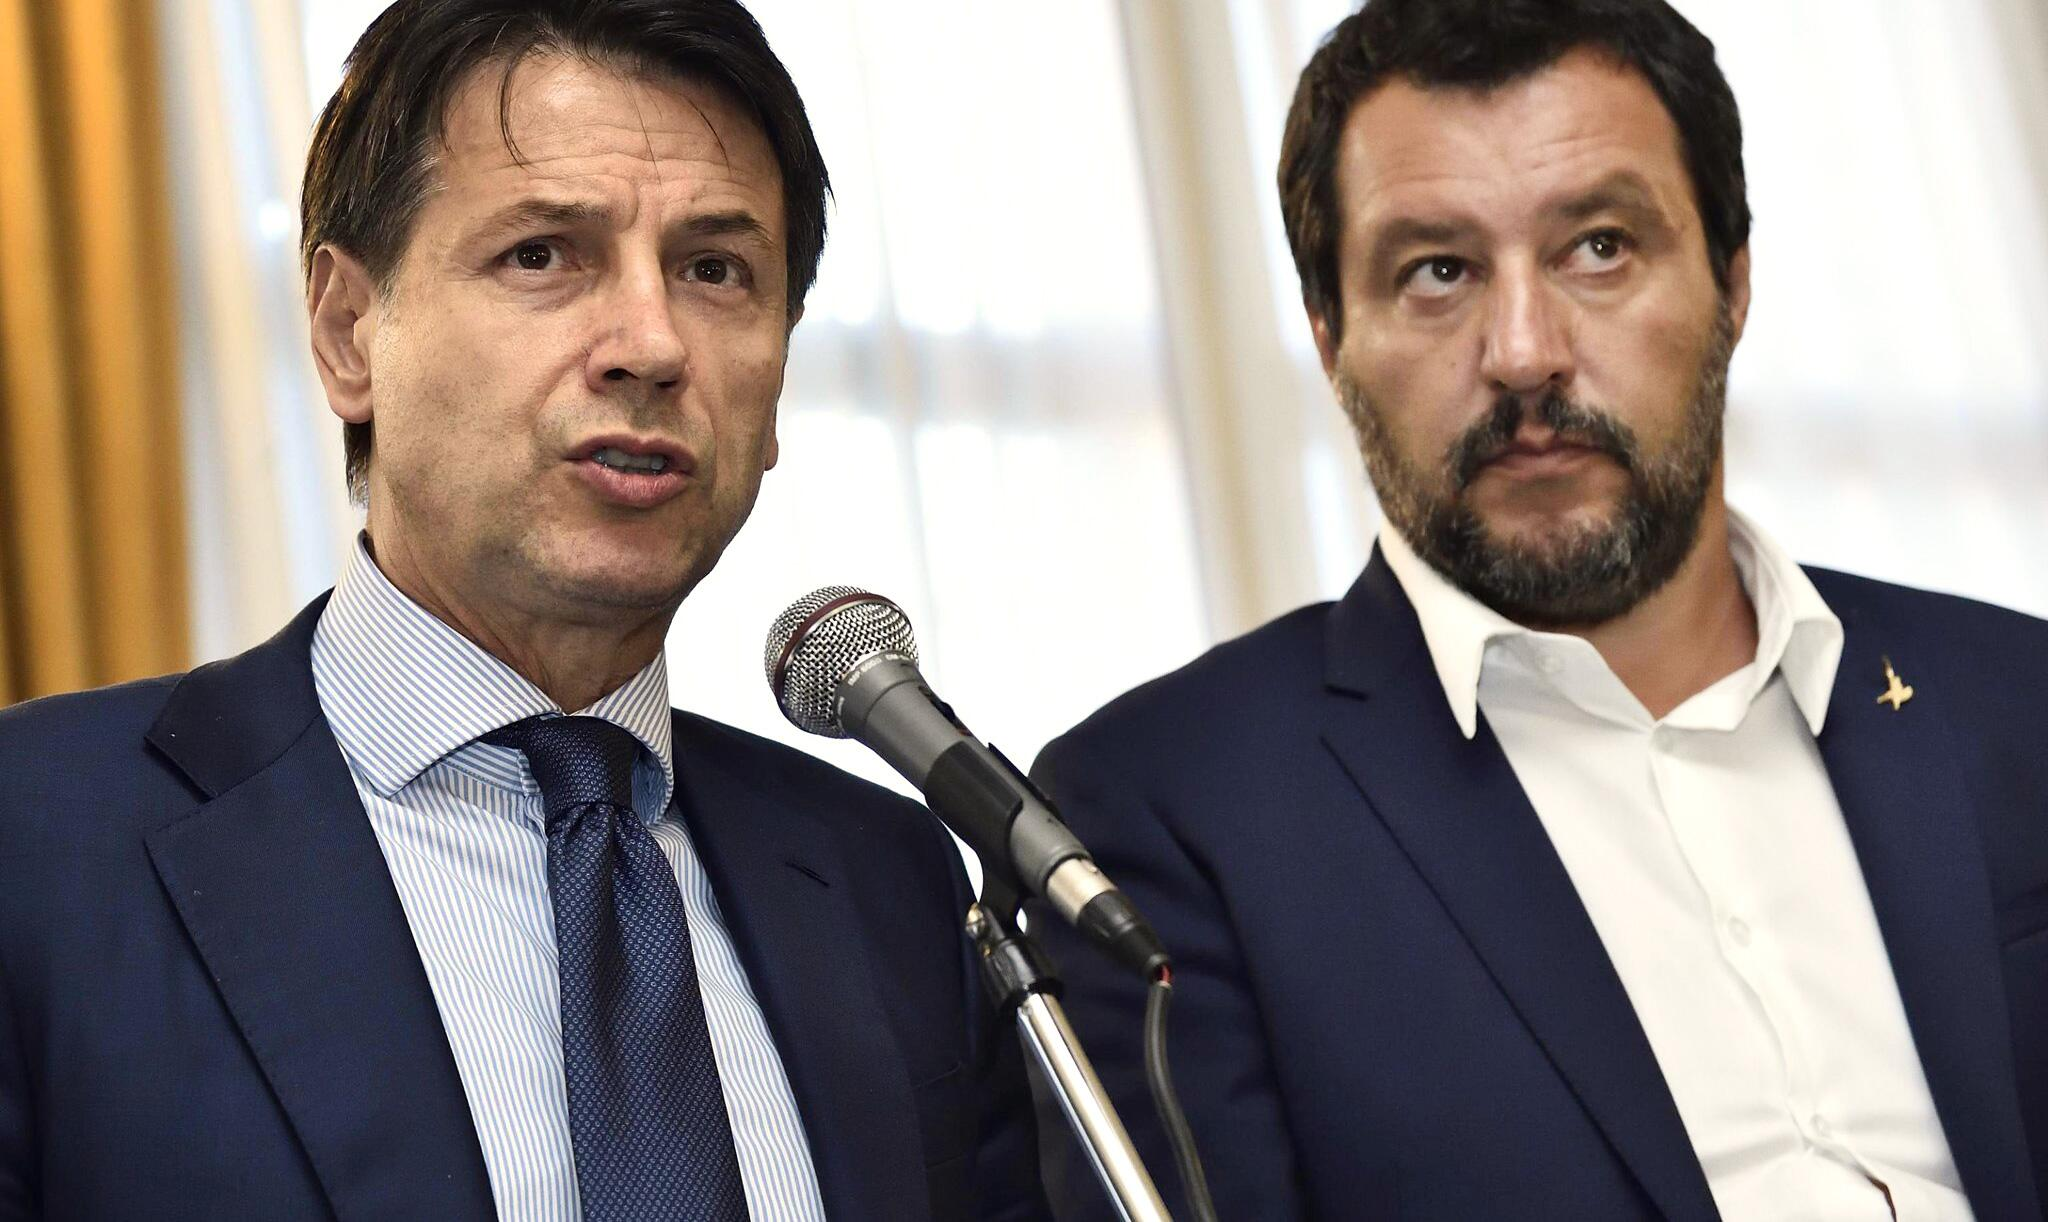 Bild zu Conte greift Salvini an